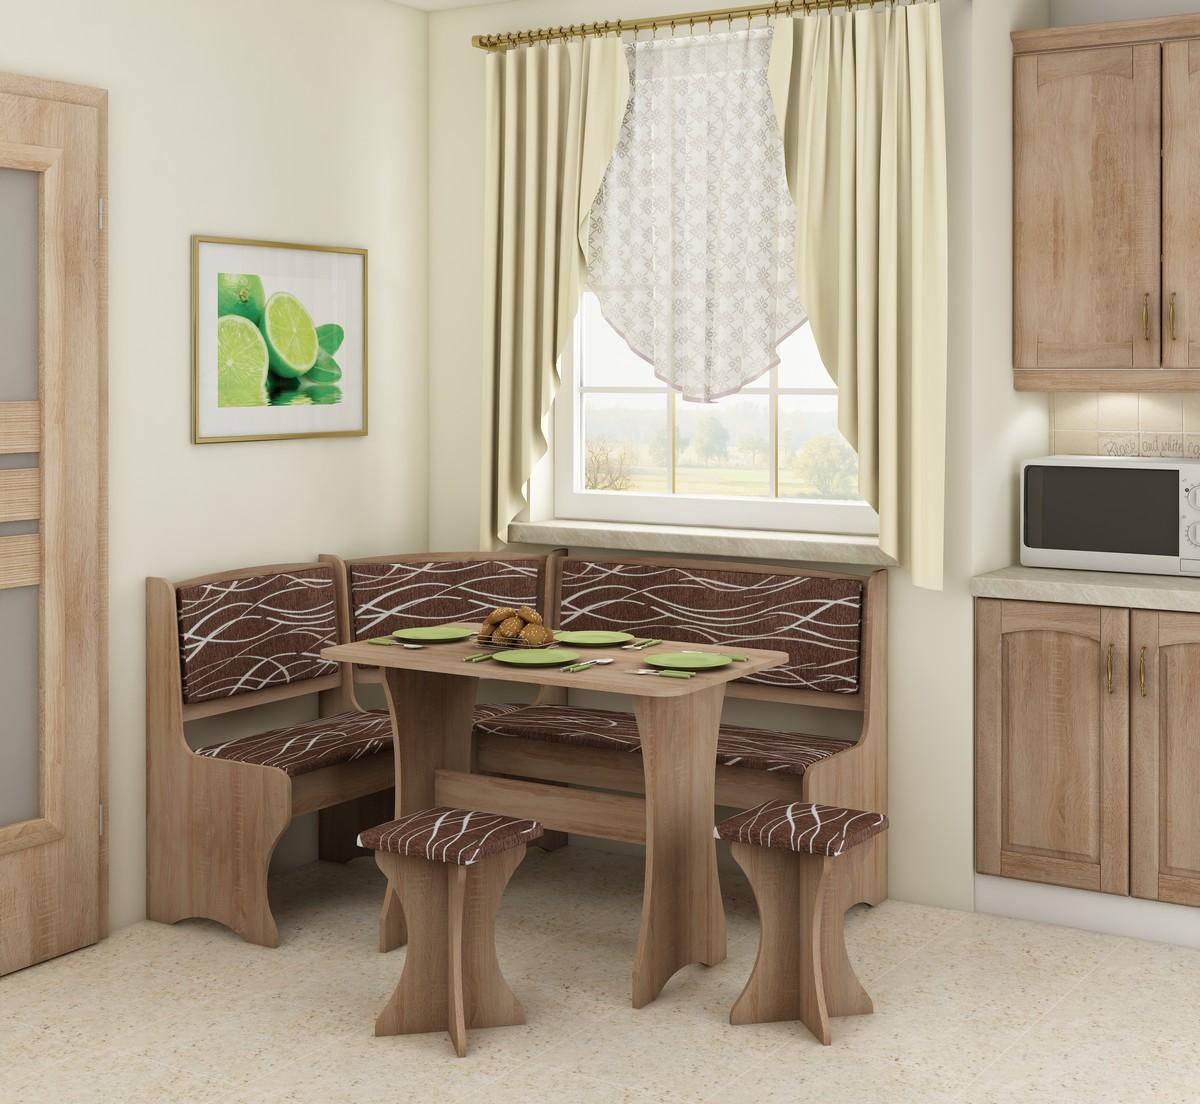 Rohový jedálenský set - WIP - dub sonoma svetlá + safari (s taburetkami) (pre 5 osôb). Sme autorizovaný predajca WIP. Vlastná spoľahlivá doprava až k Vám domov.